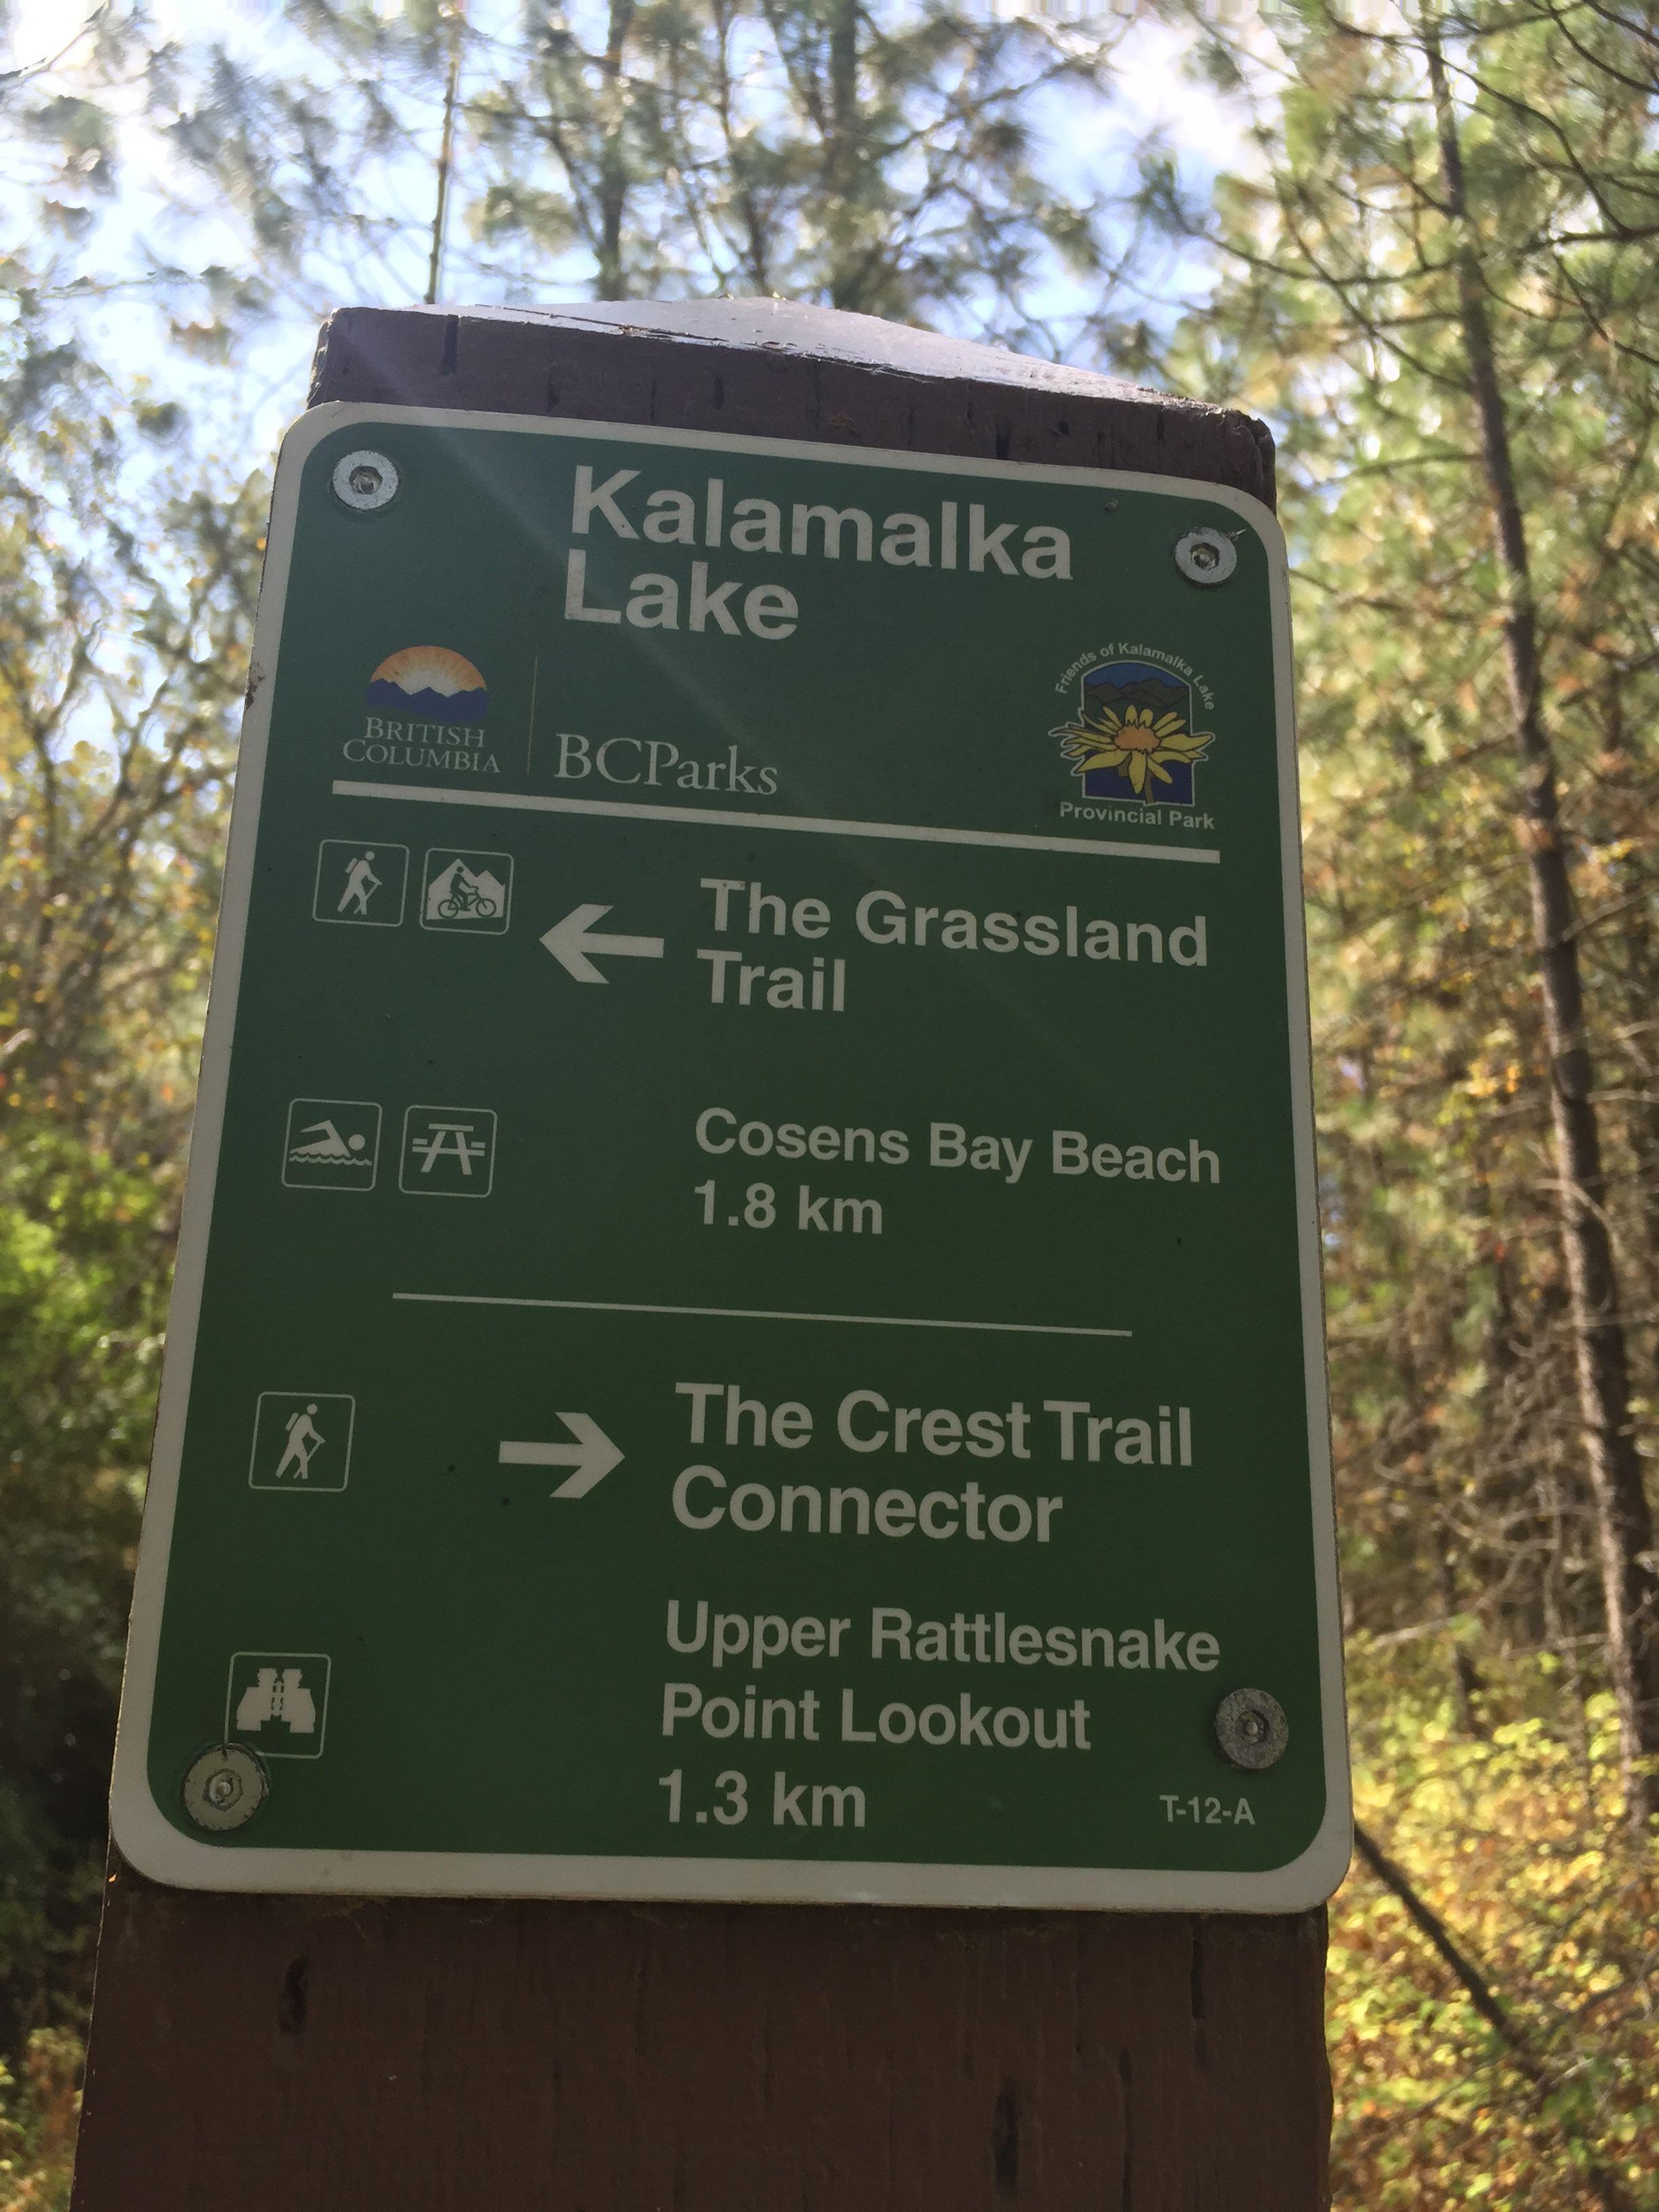 kalamalka-lake-okanagan-british-columbia-canada.jpg